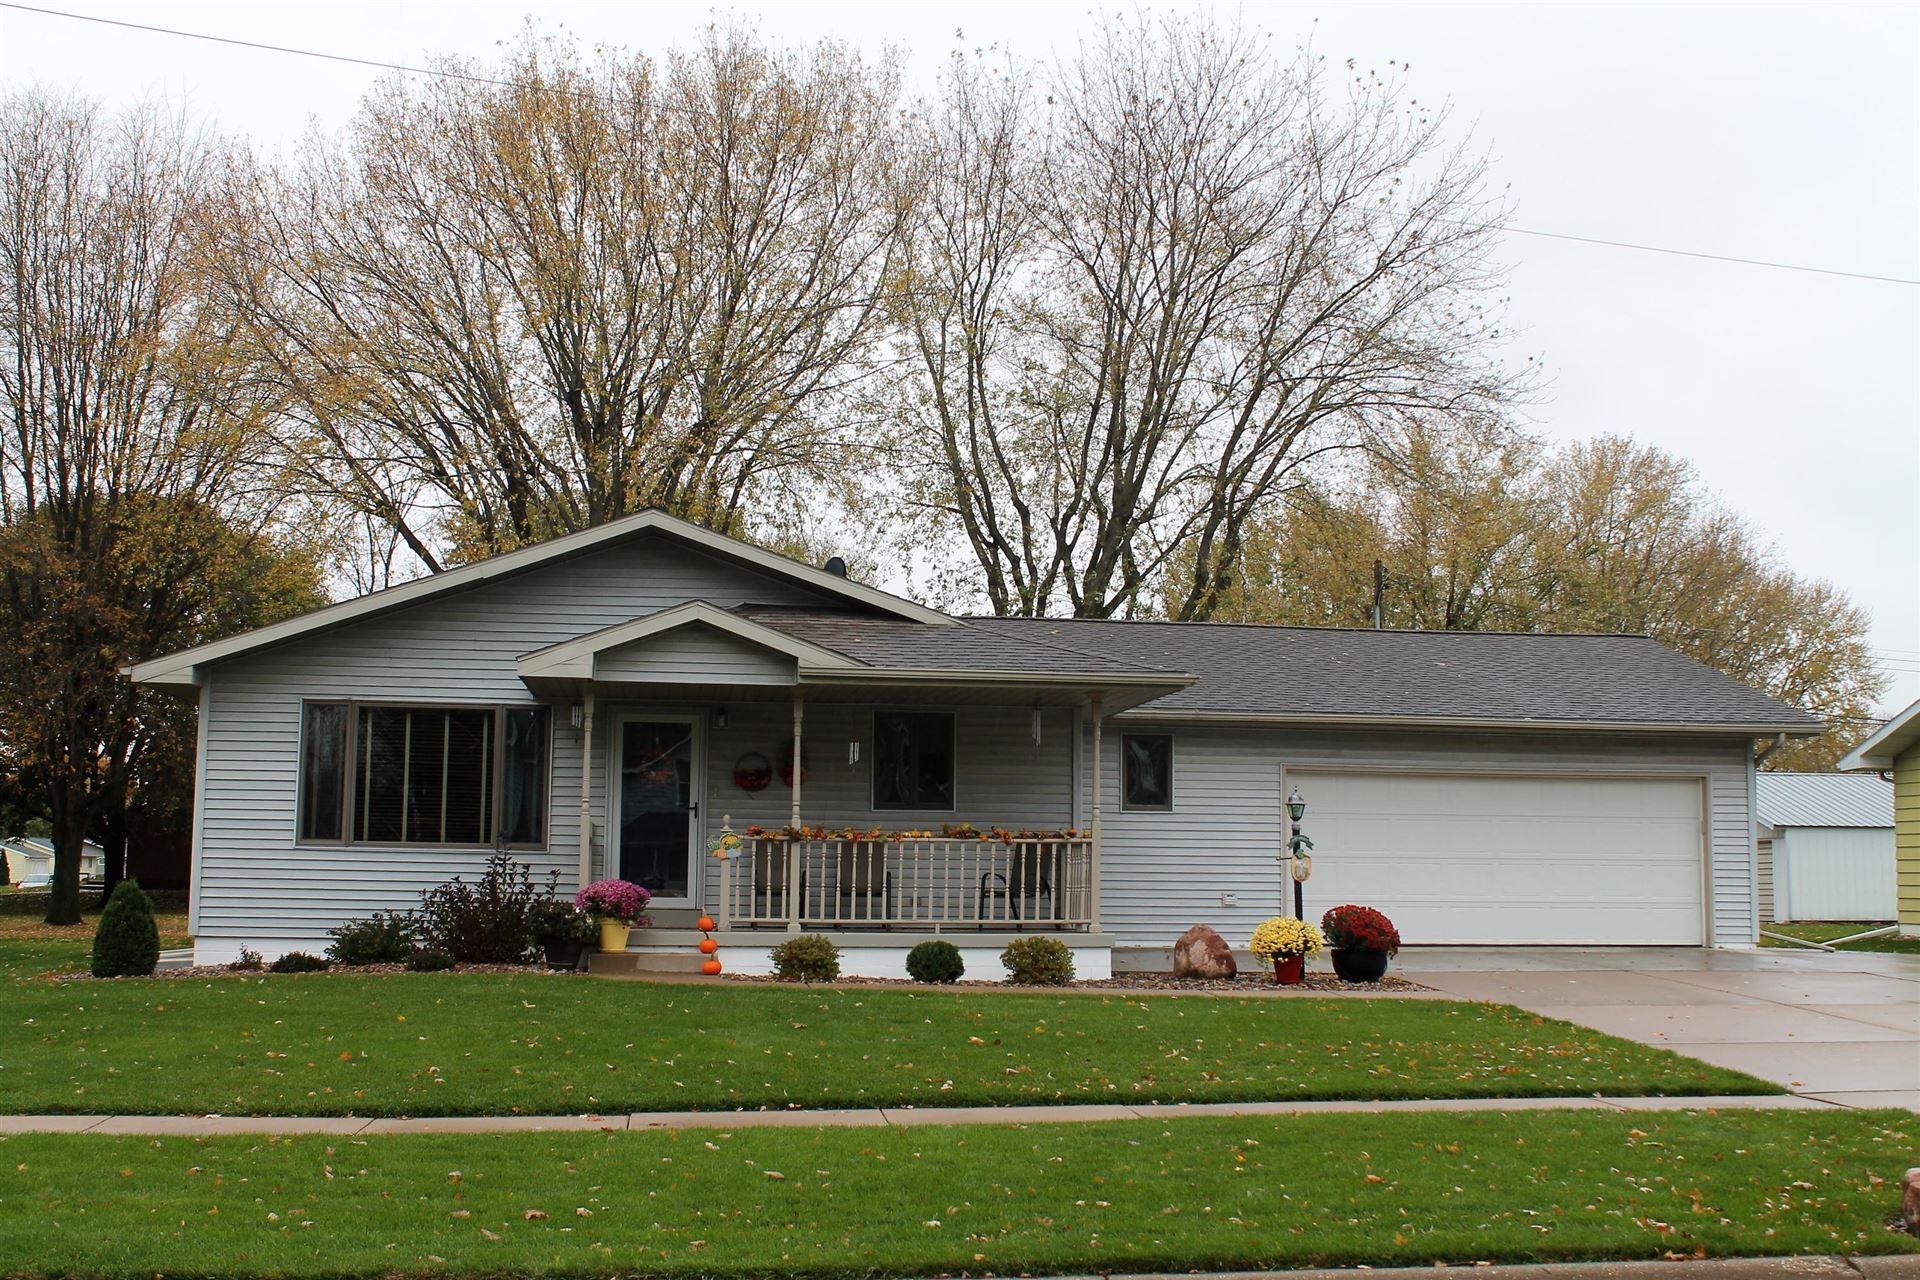 166 Oak Ave S, West Salem, WI 54669 - MLS#: 1716298